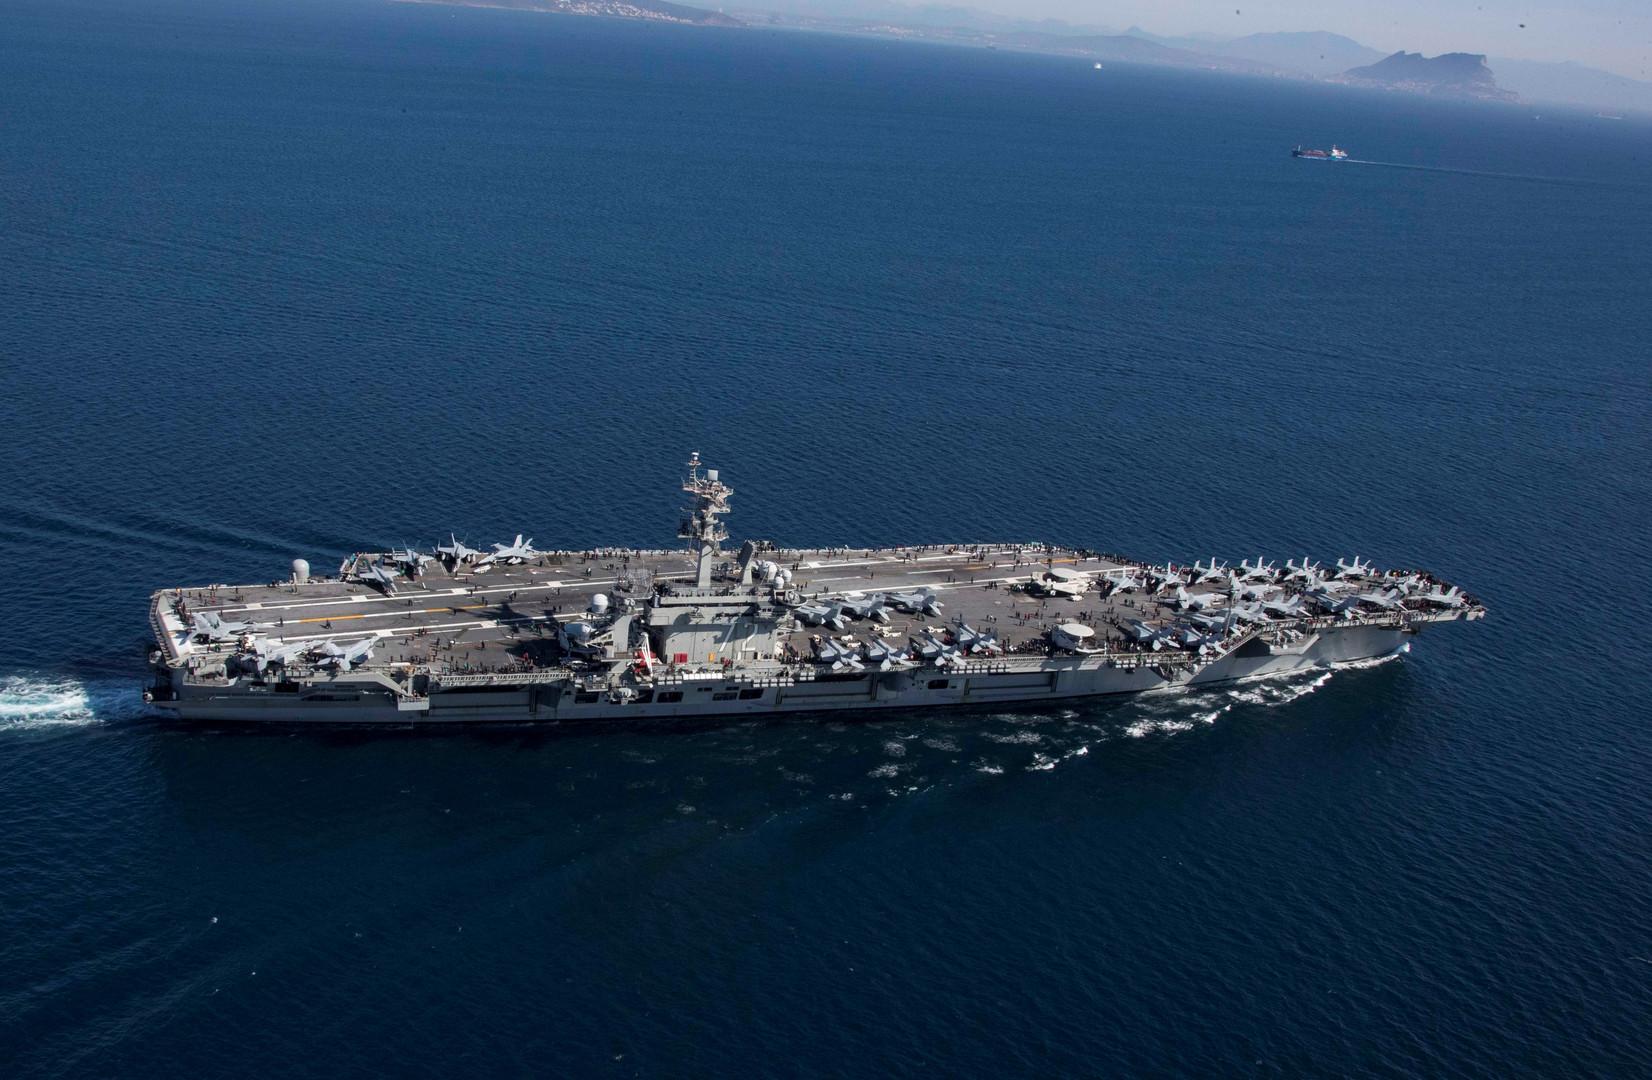 واشنطن ترسل حاملة طائرات ومجموعة سفن ضاربة إلى الخليج لردع إيران